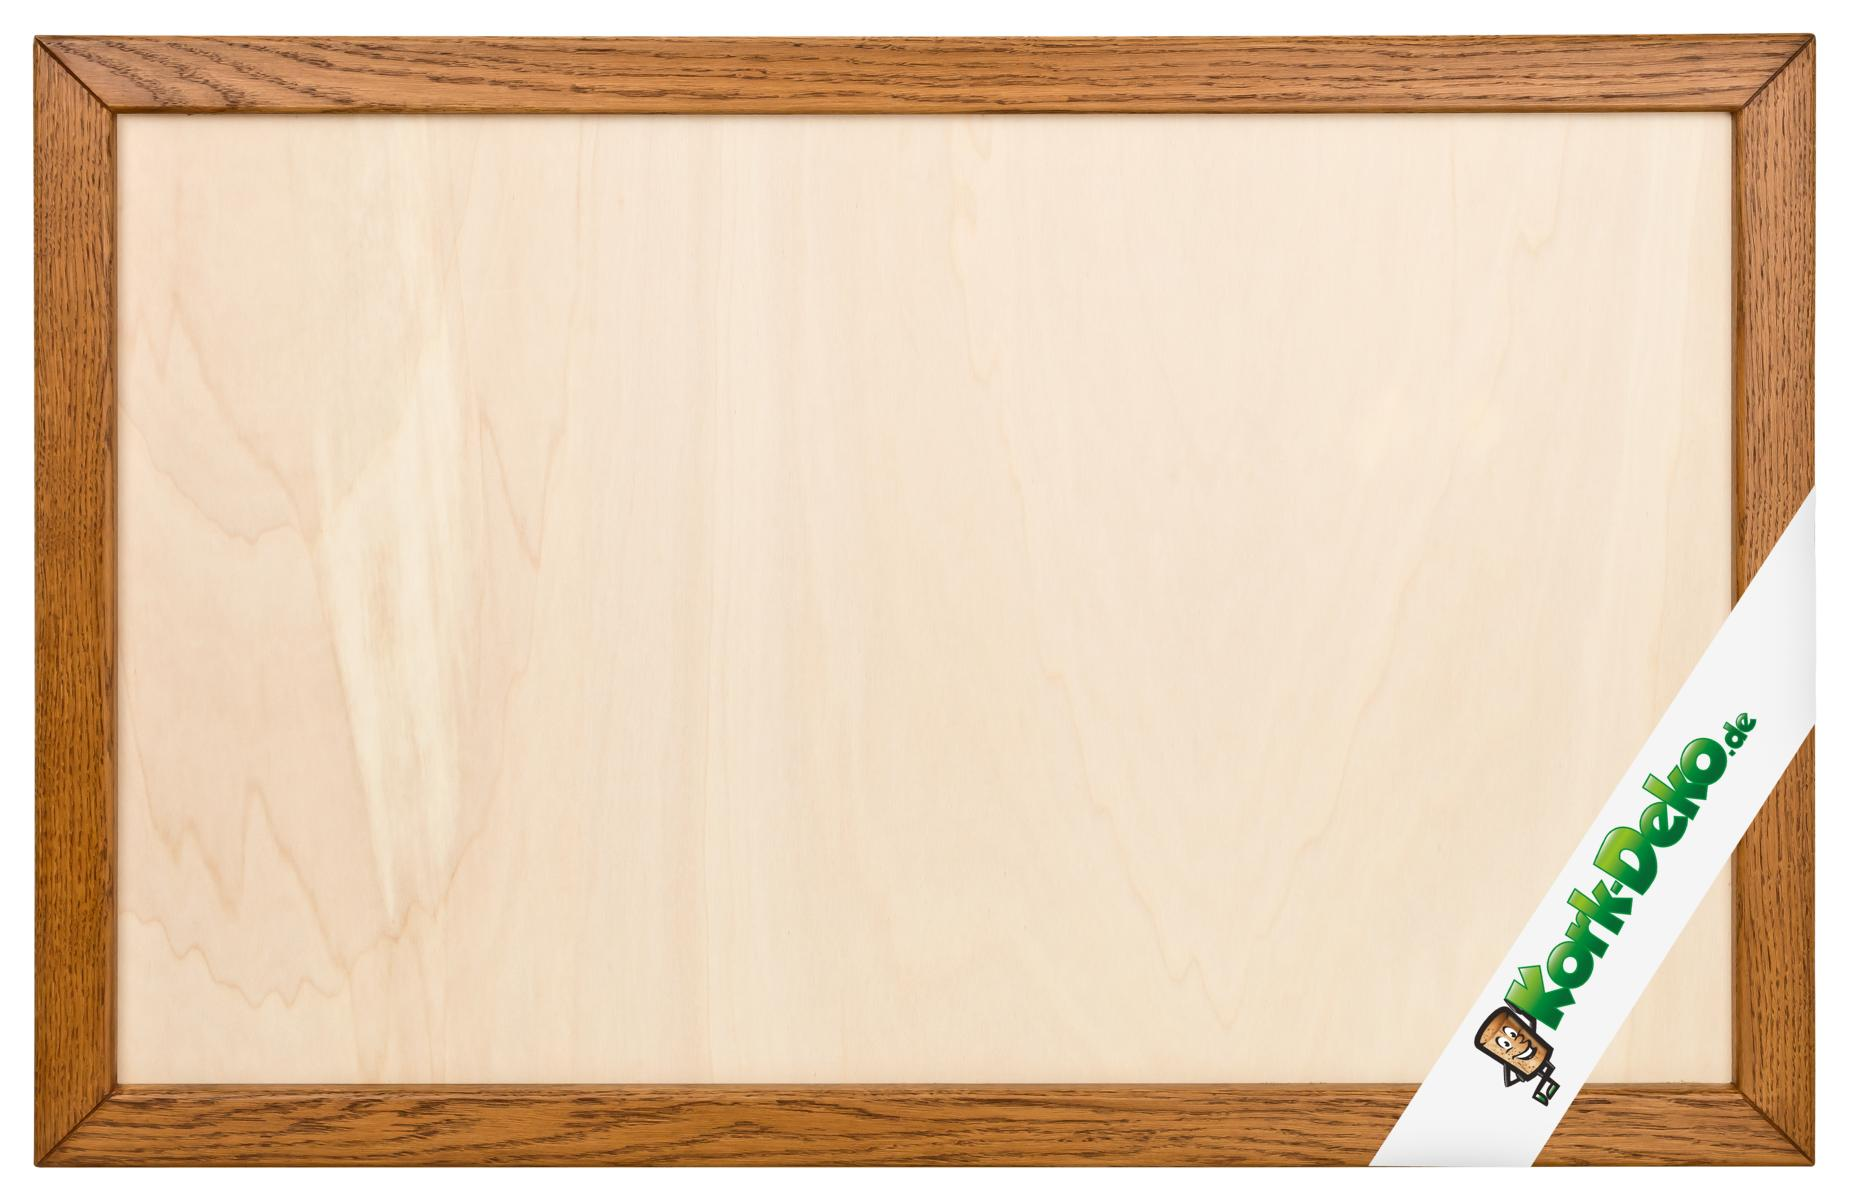 Leerer Massivholz-Rahmen (Eiche hell) zum Bau einer Pinnwand 90x60cm ...